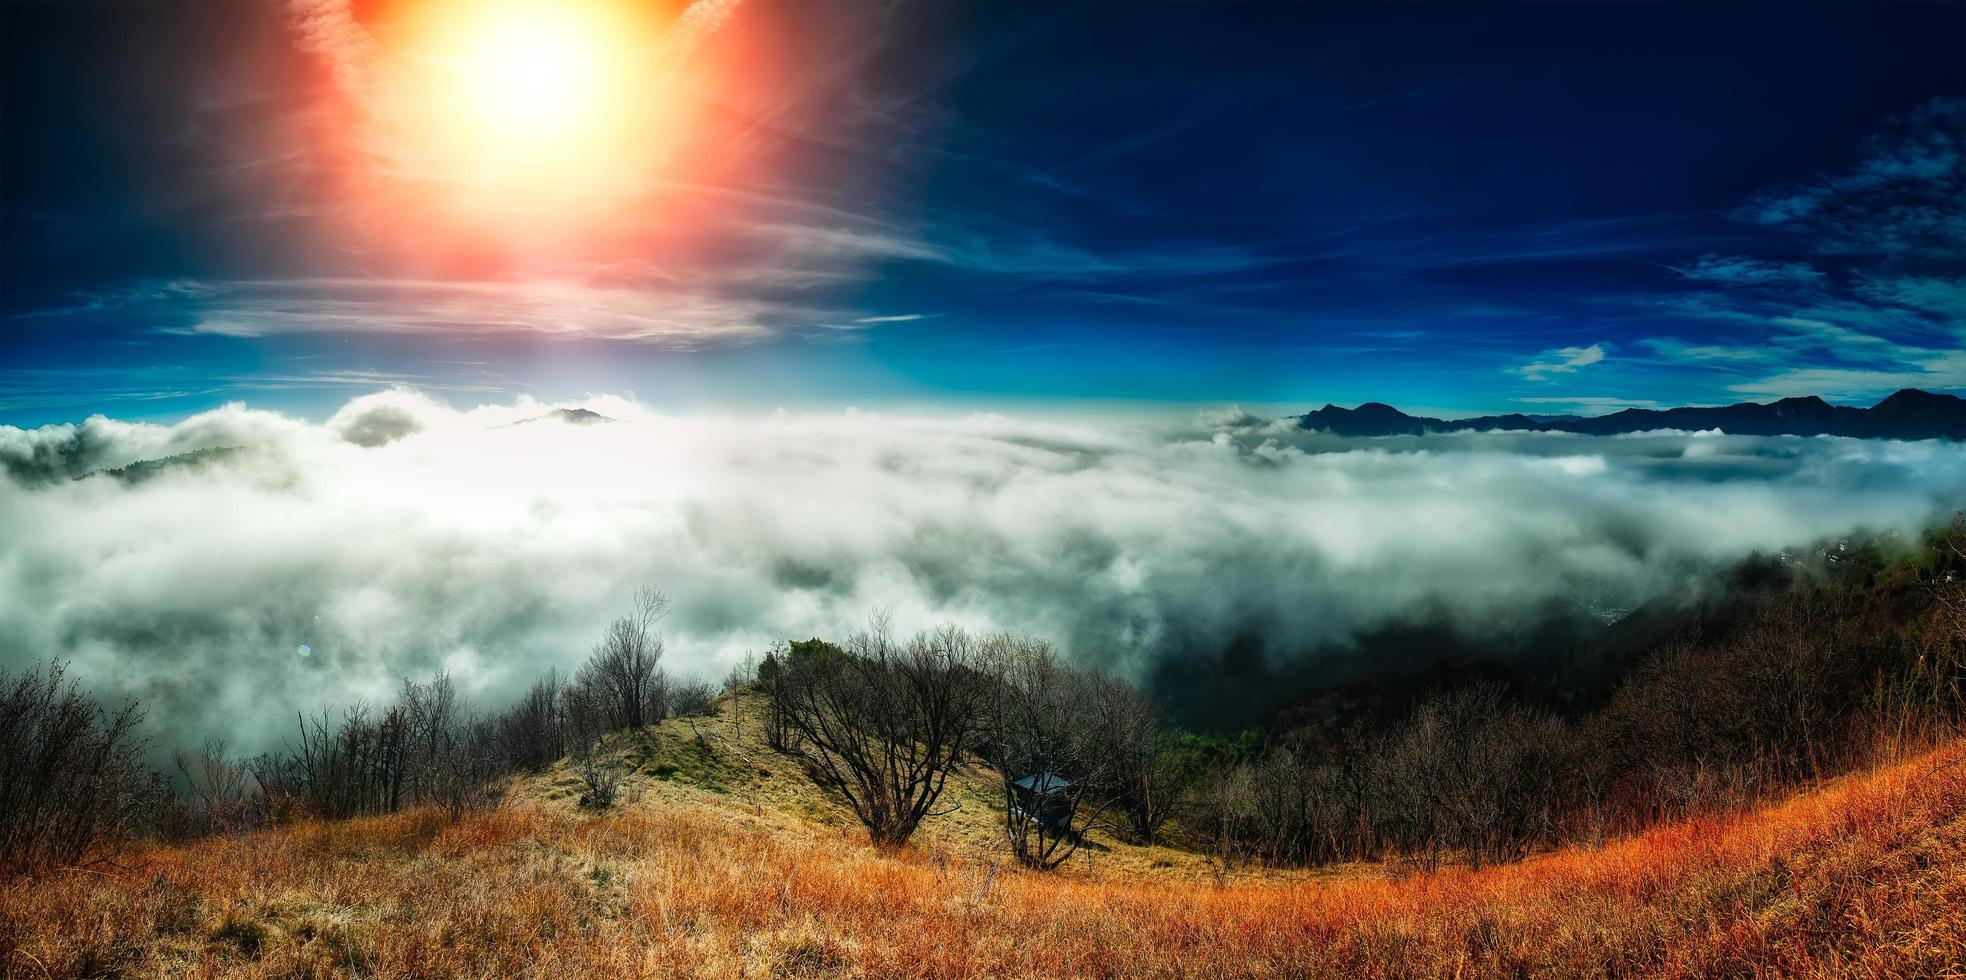 mer de brouillard en automne dans les montagnes photo